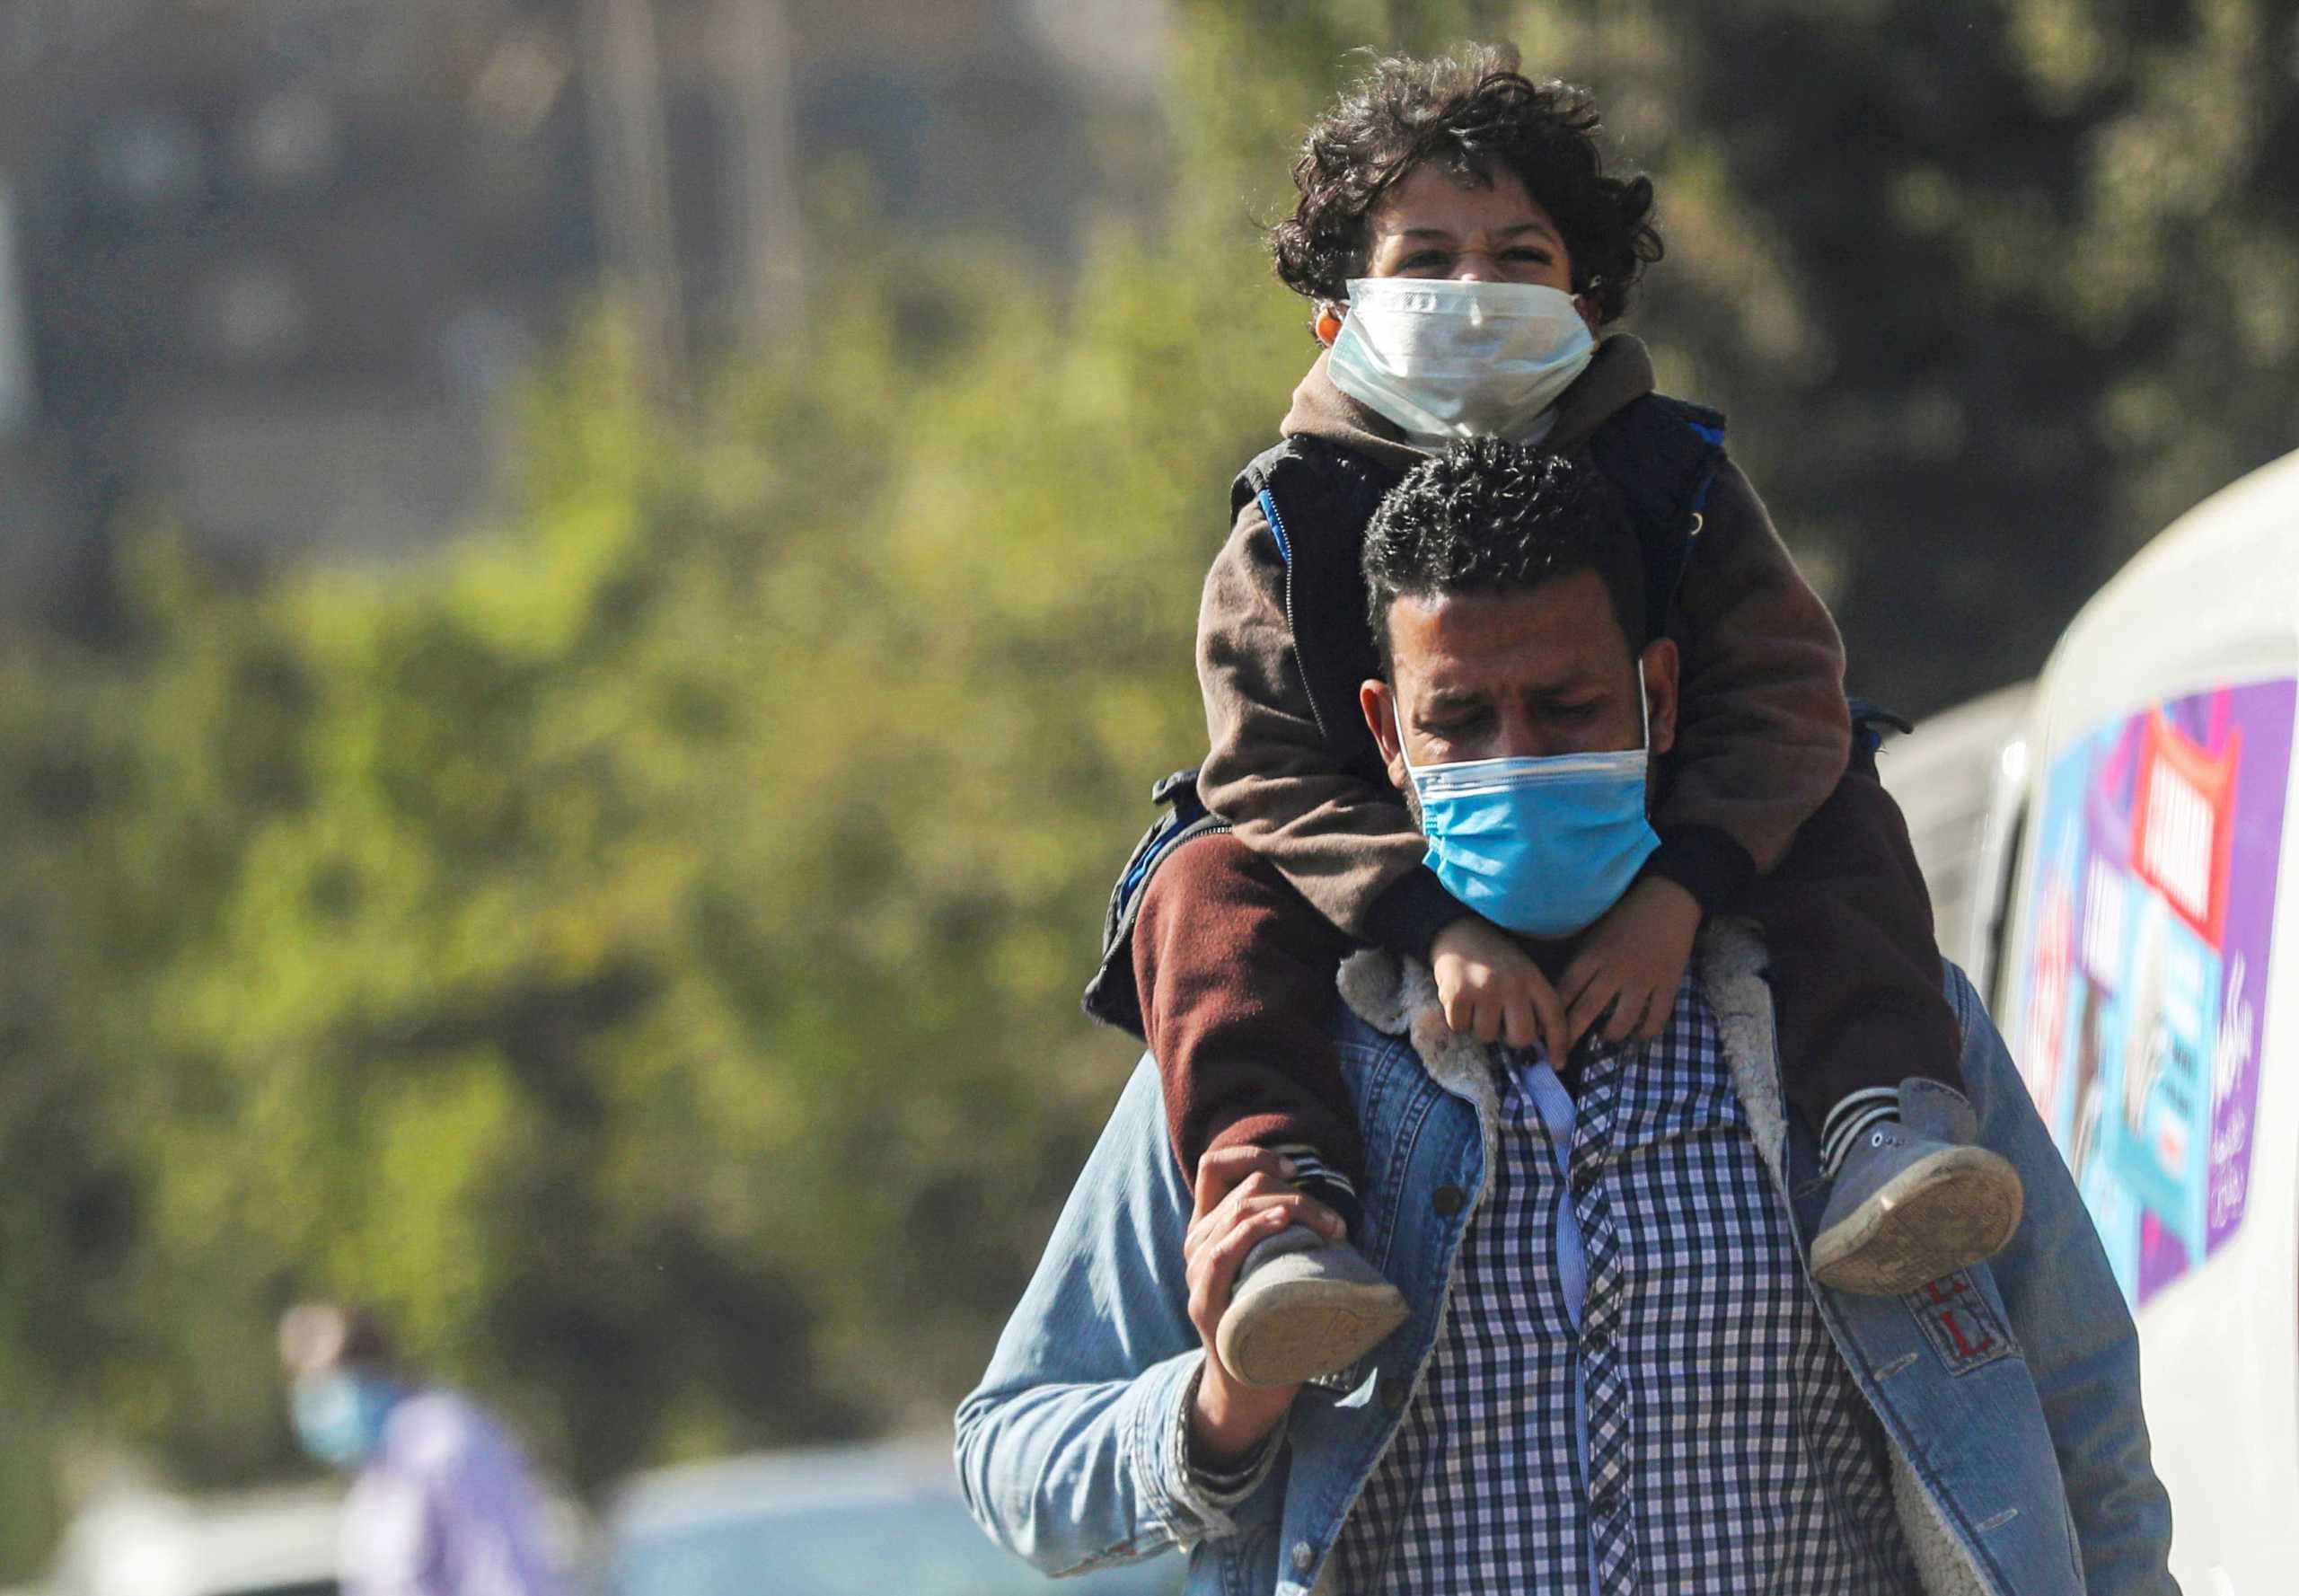 Αίγυπτος: Τον Φεβρουάριο ξεκινάει η διάθεση του εμβολίου για τον κορονοϊό